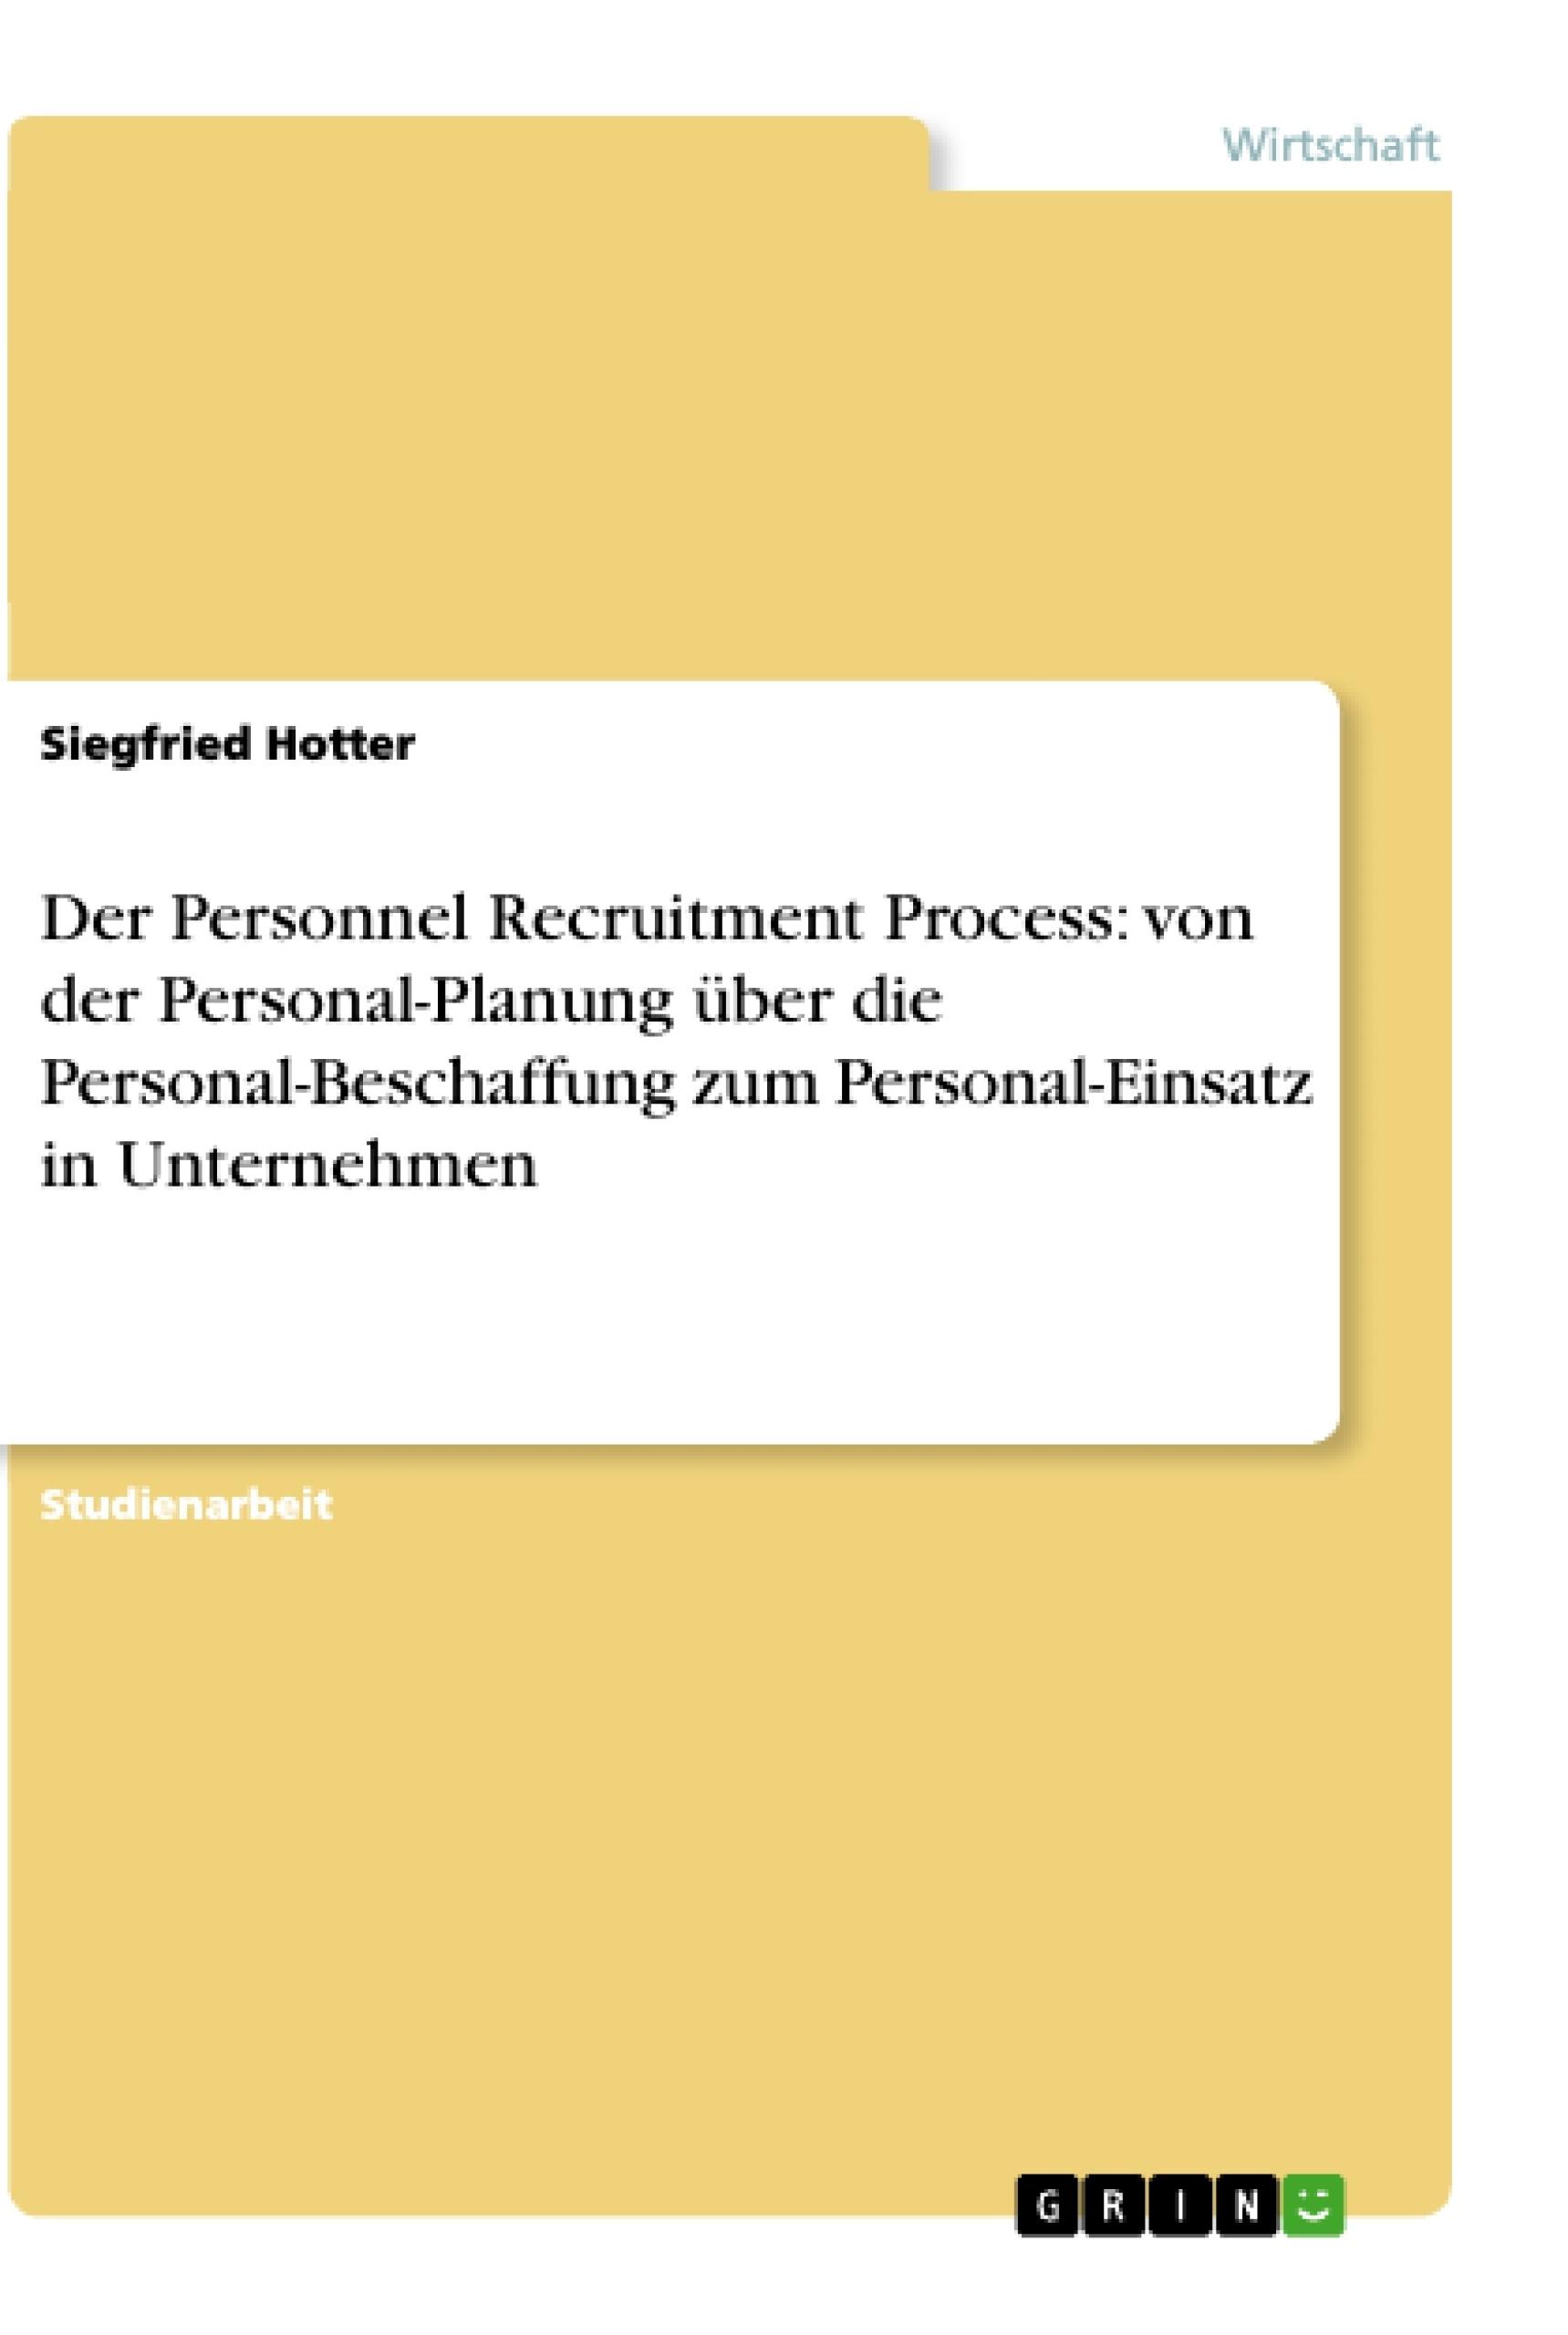 Titel: Der Personnel Recruitment Process: von der Personal-Planung über die Personal-Beschaffung zum Personal-Einsatz in Unternehmen